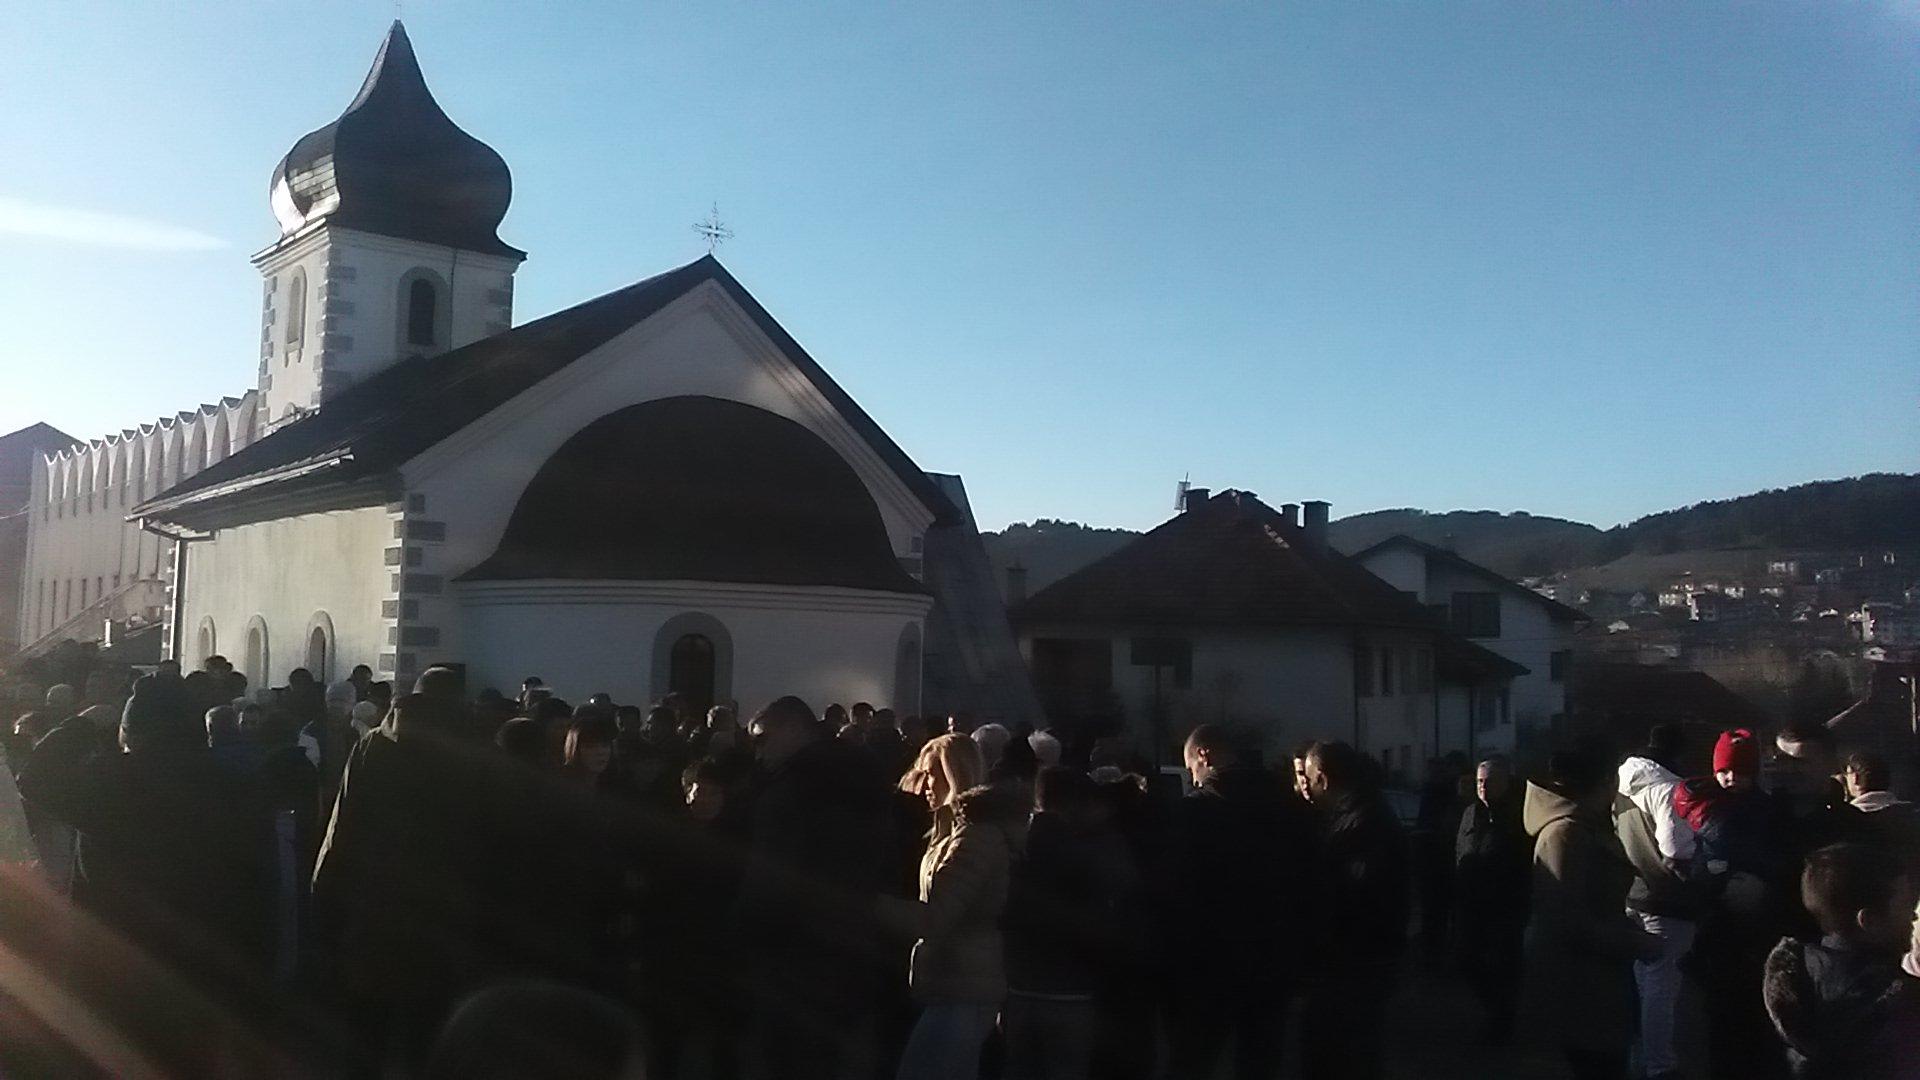 Crkve sv. Petke